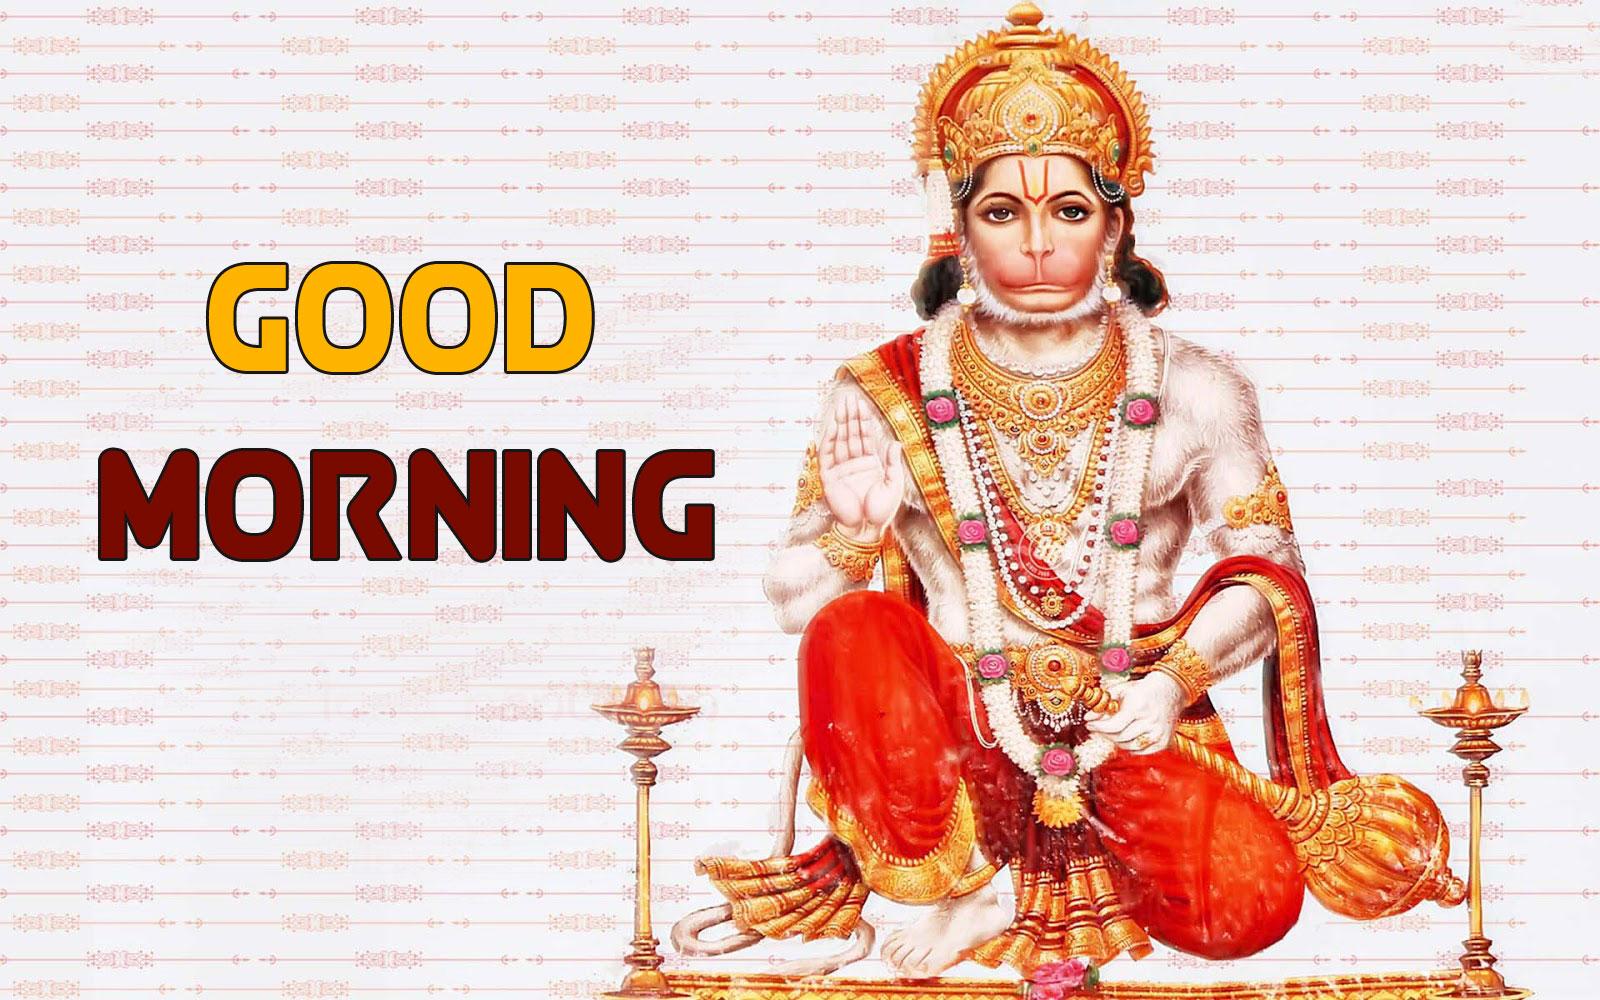 hanuman ji Good Morning Pics 2021